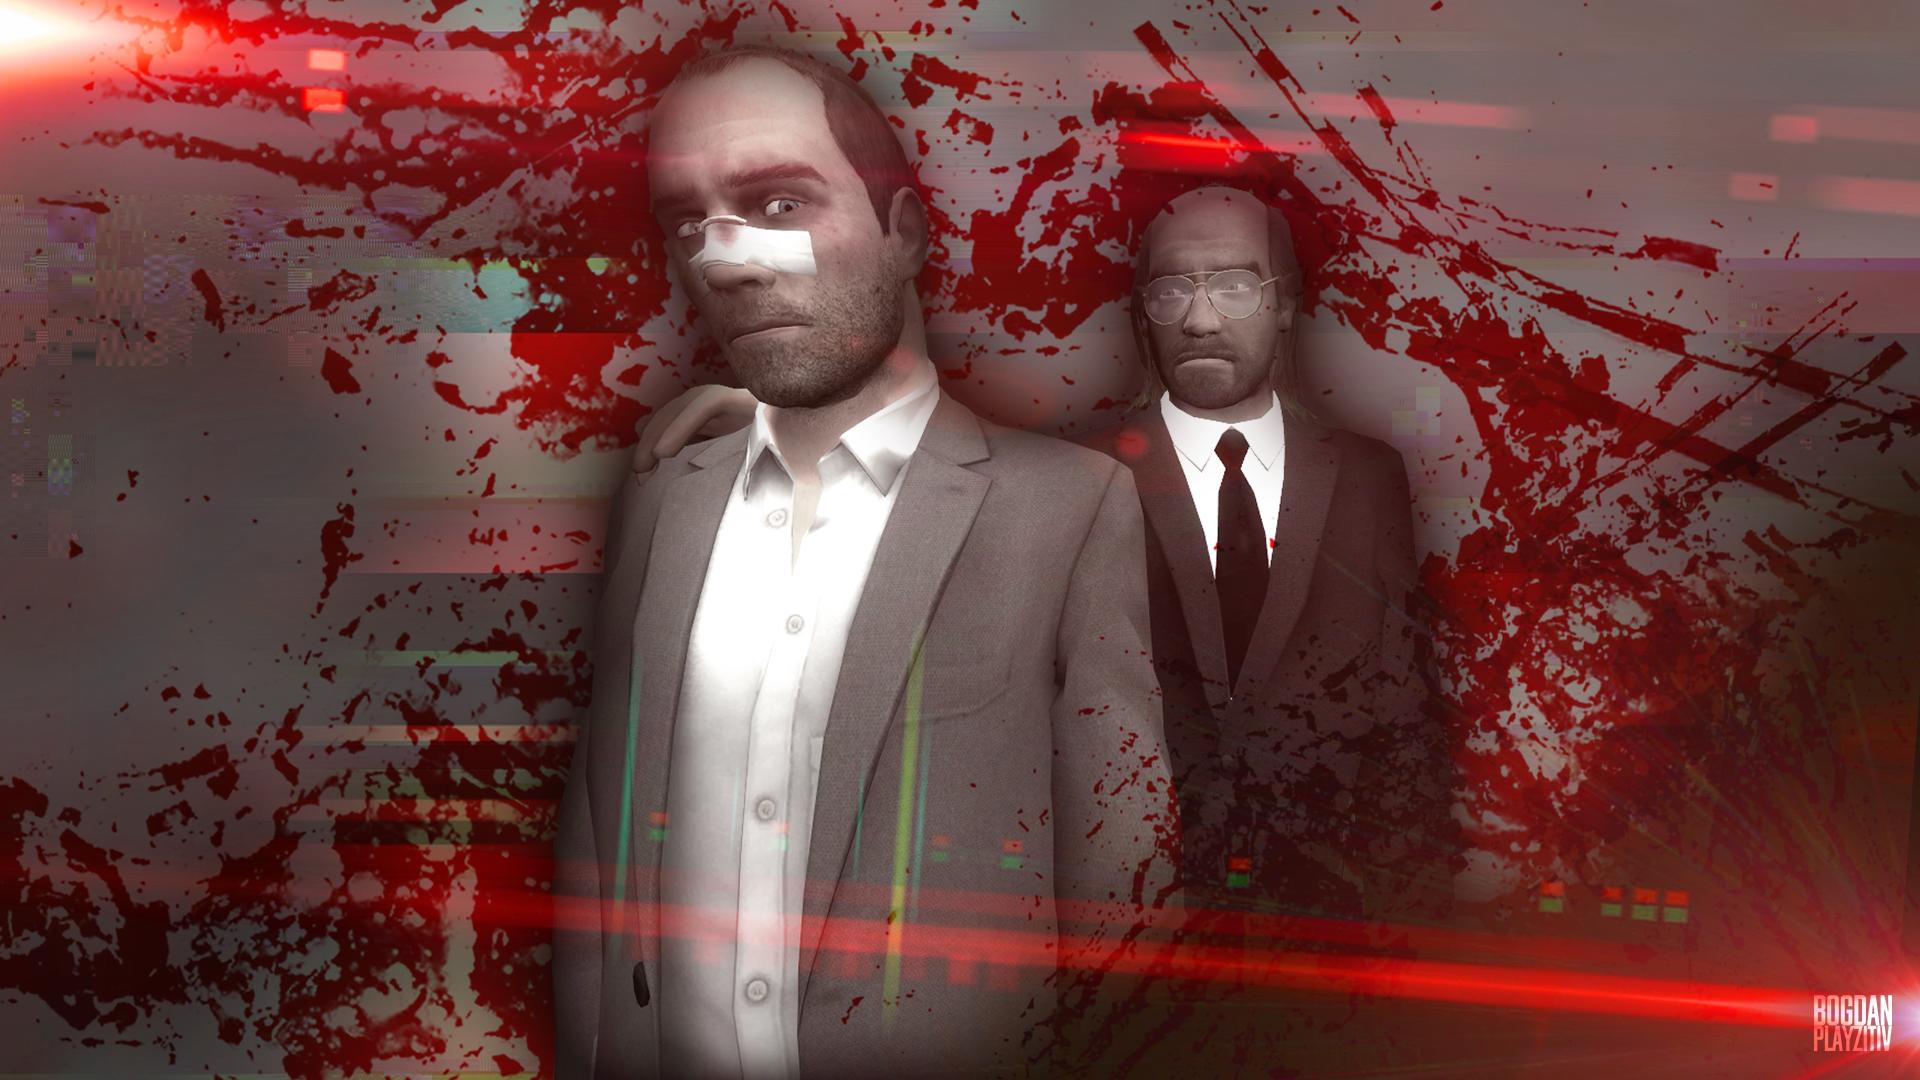 Лучшие друзья в1 - Kane and Lynch: Dead Men